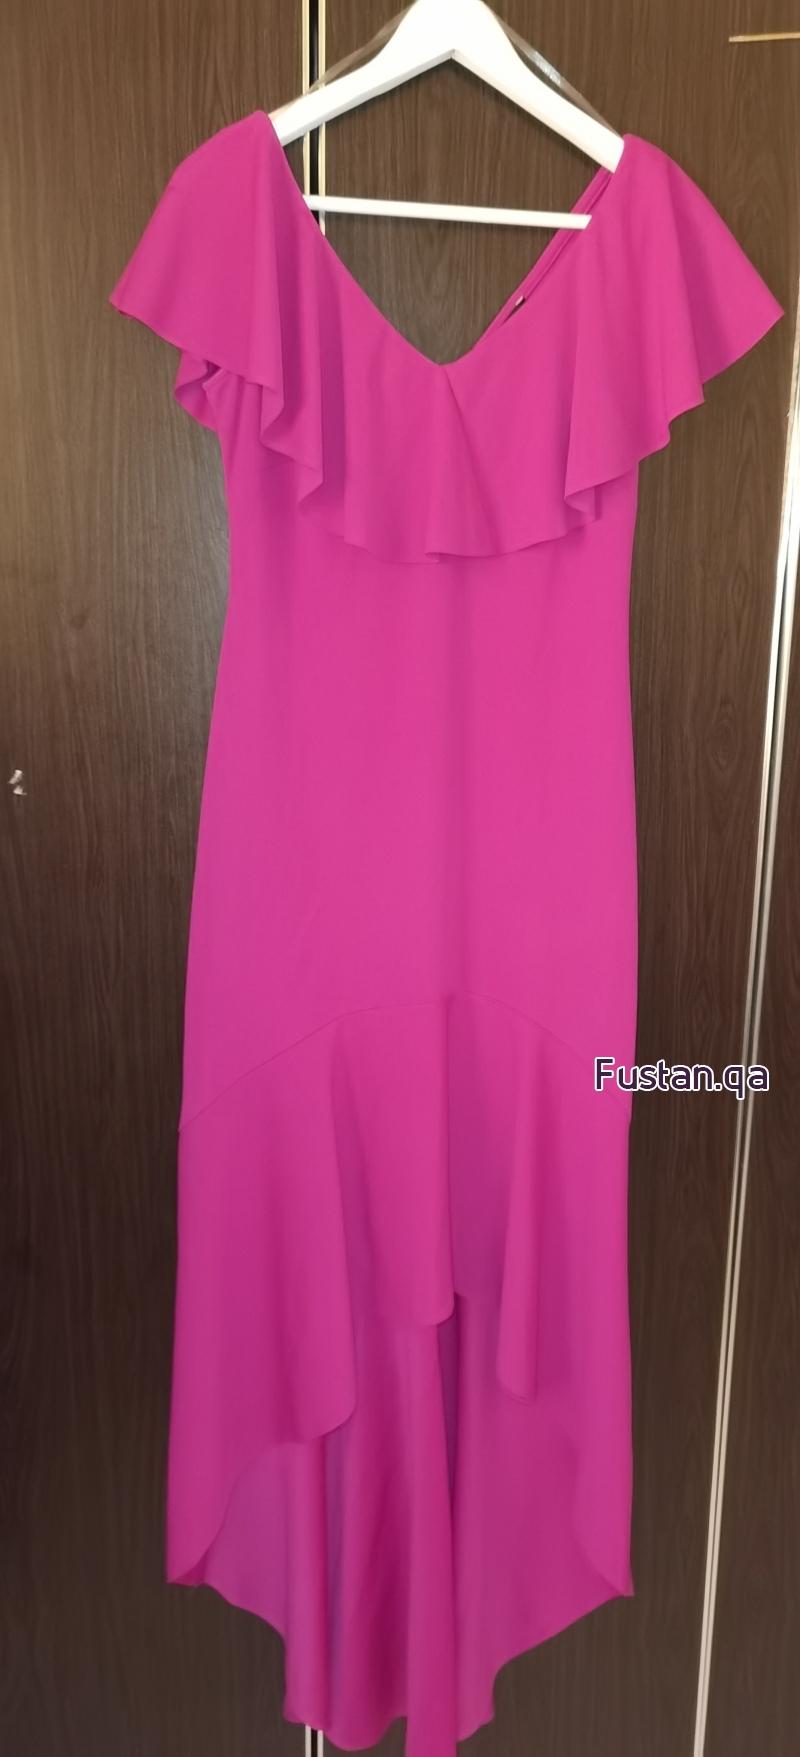 فستان حفلةمنbebe ناعم طويل وقصير شوي من قدام.